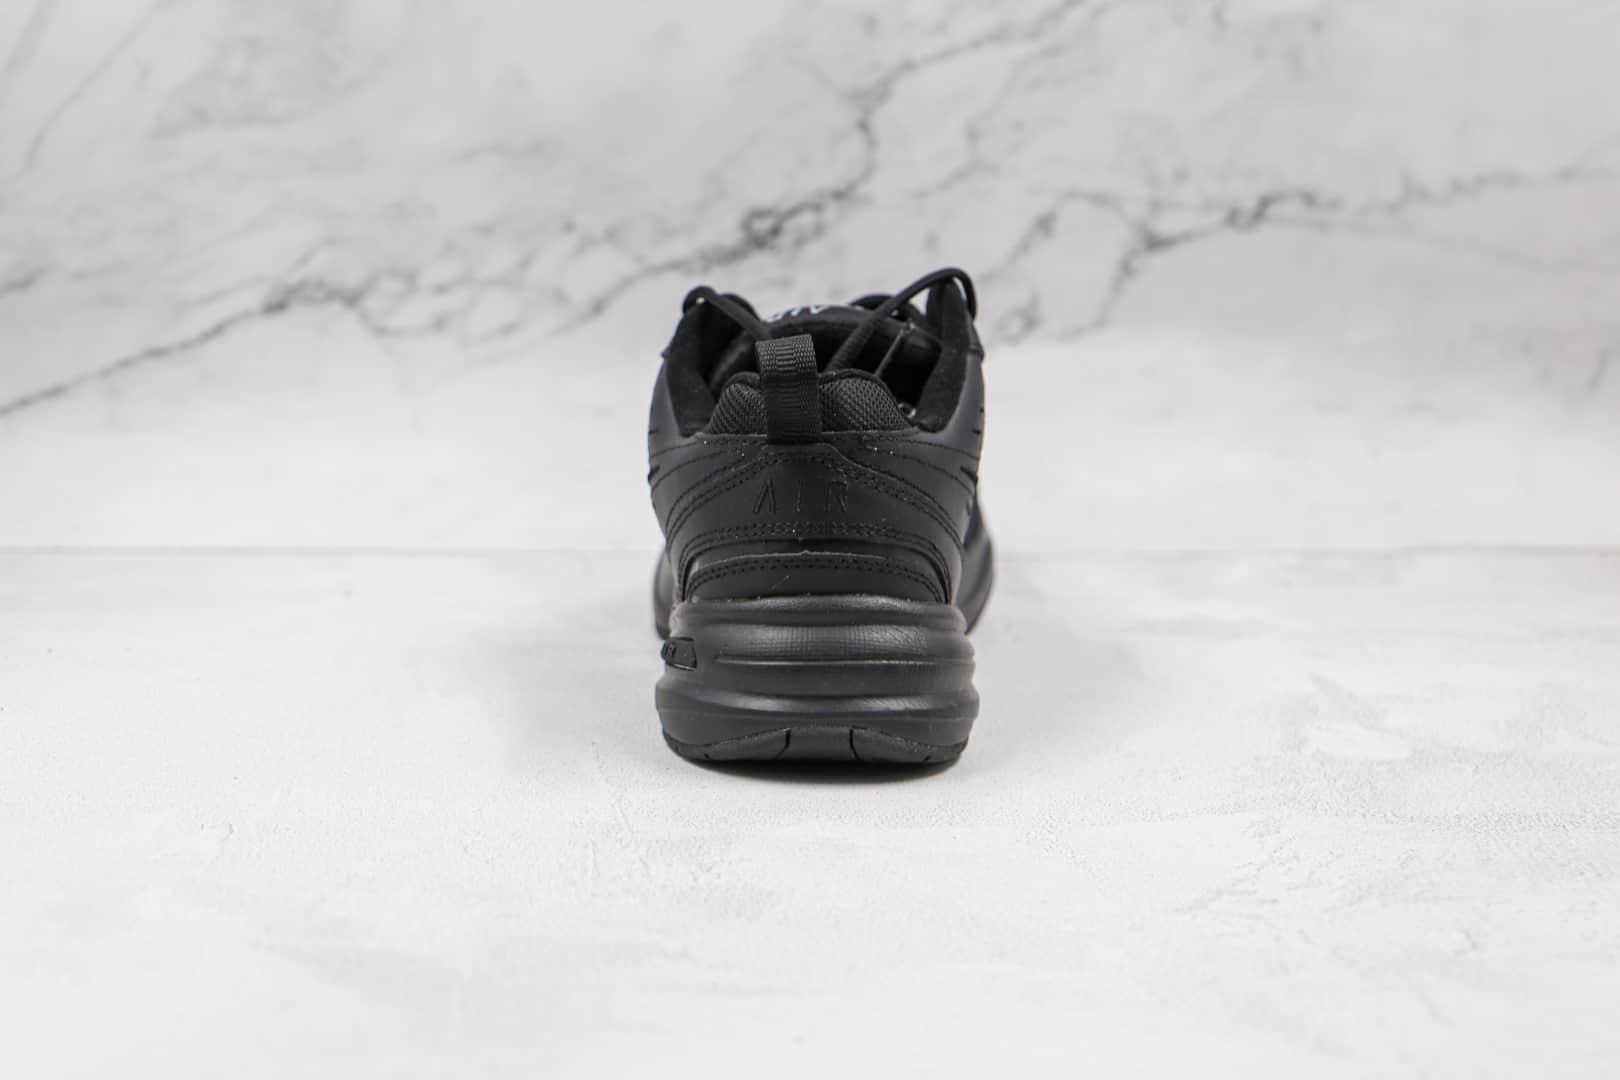 耐克Nike Air Monarch M2K纯原版本复古M2k纯黑色老爹鞋原盒原标 货号:415445-001